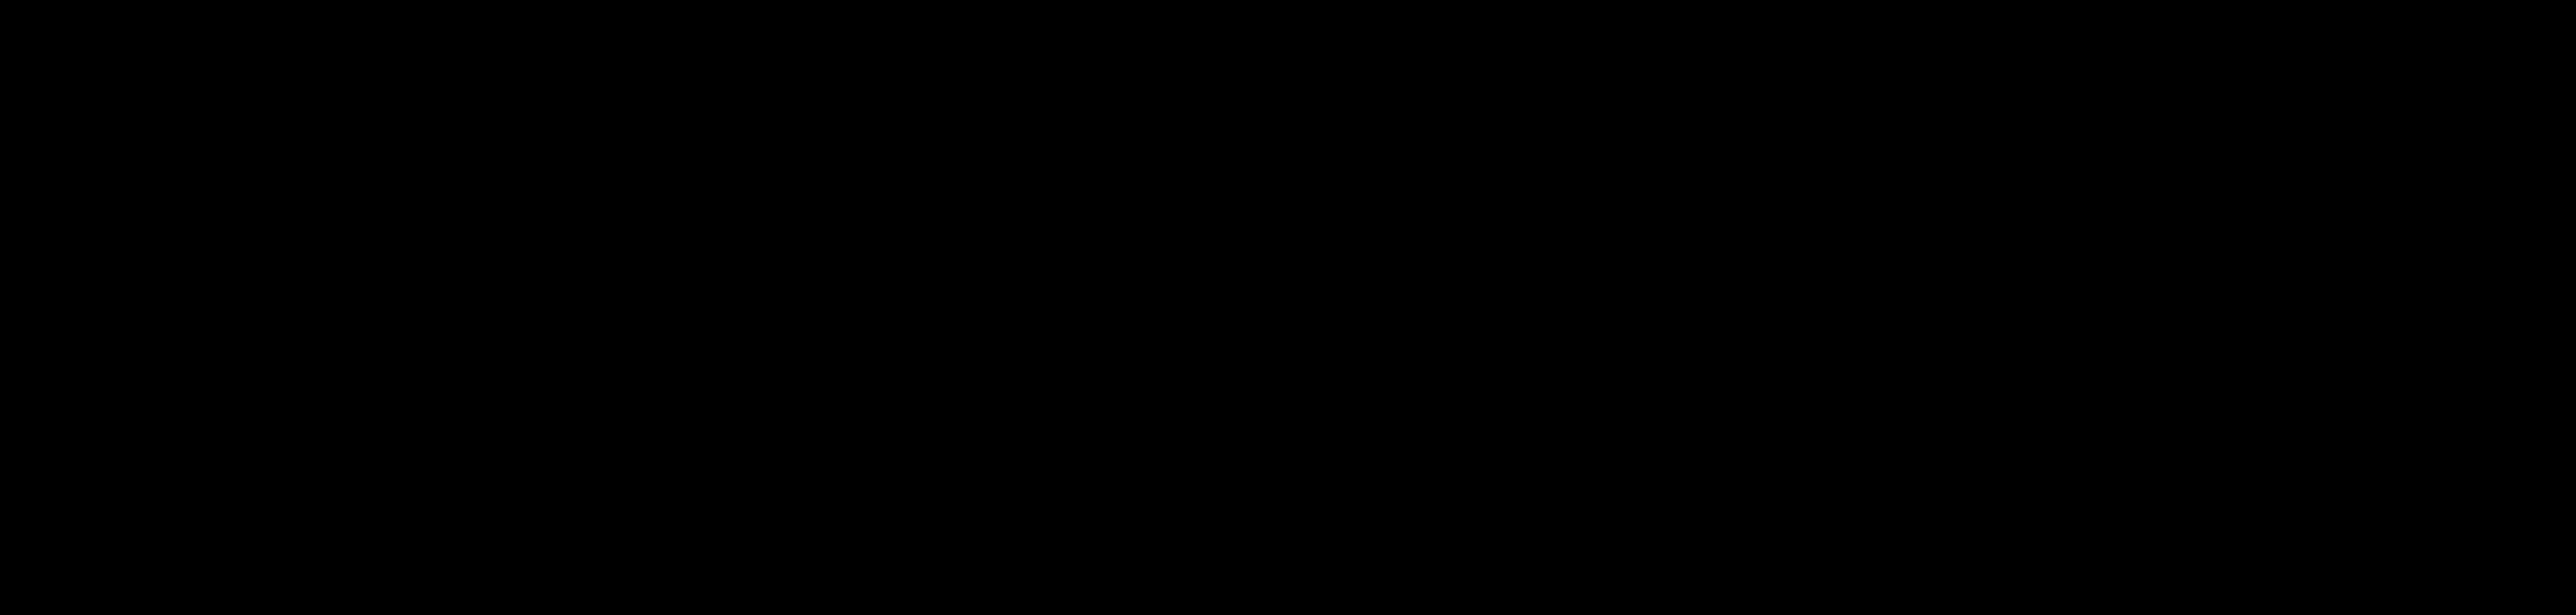 Hy-procom, distributeur de produits d'éclairage deltalight